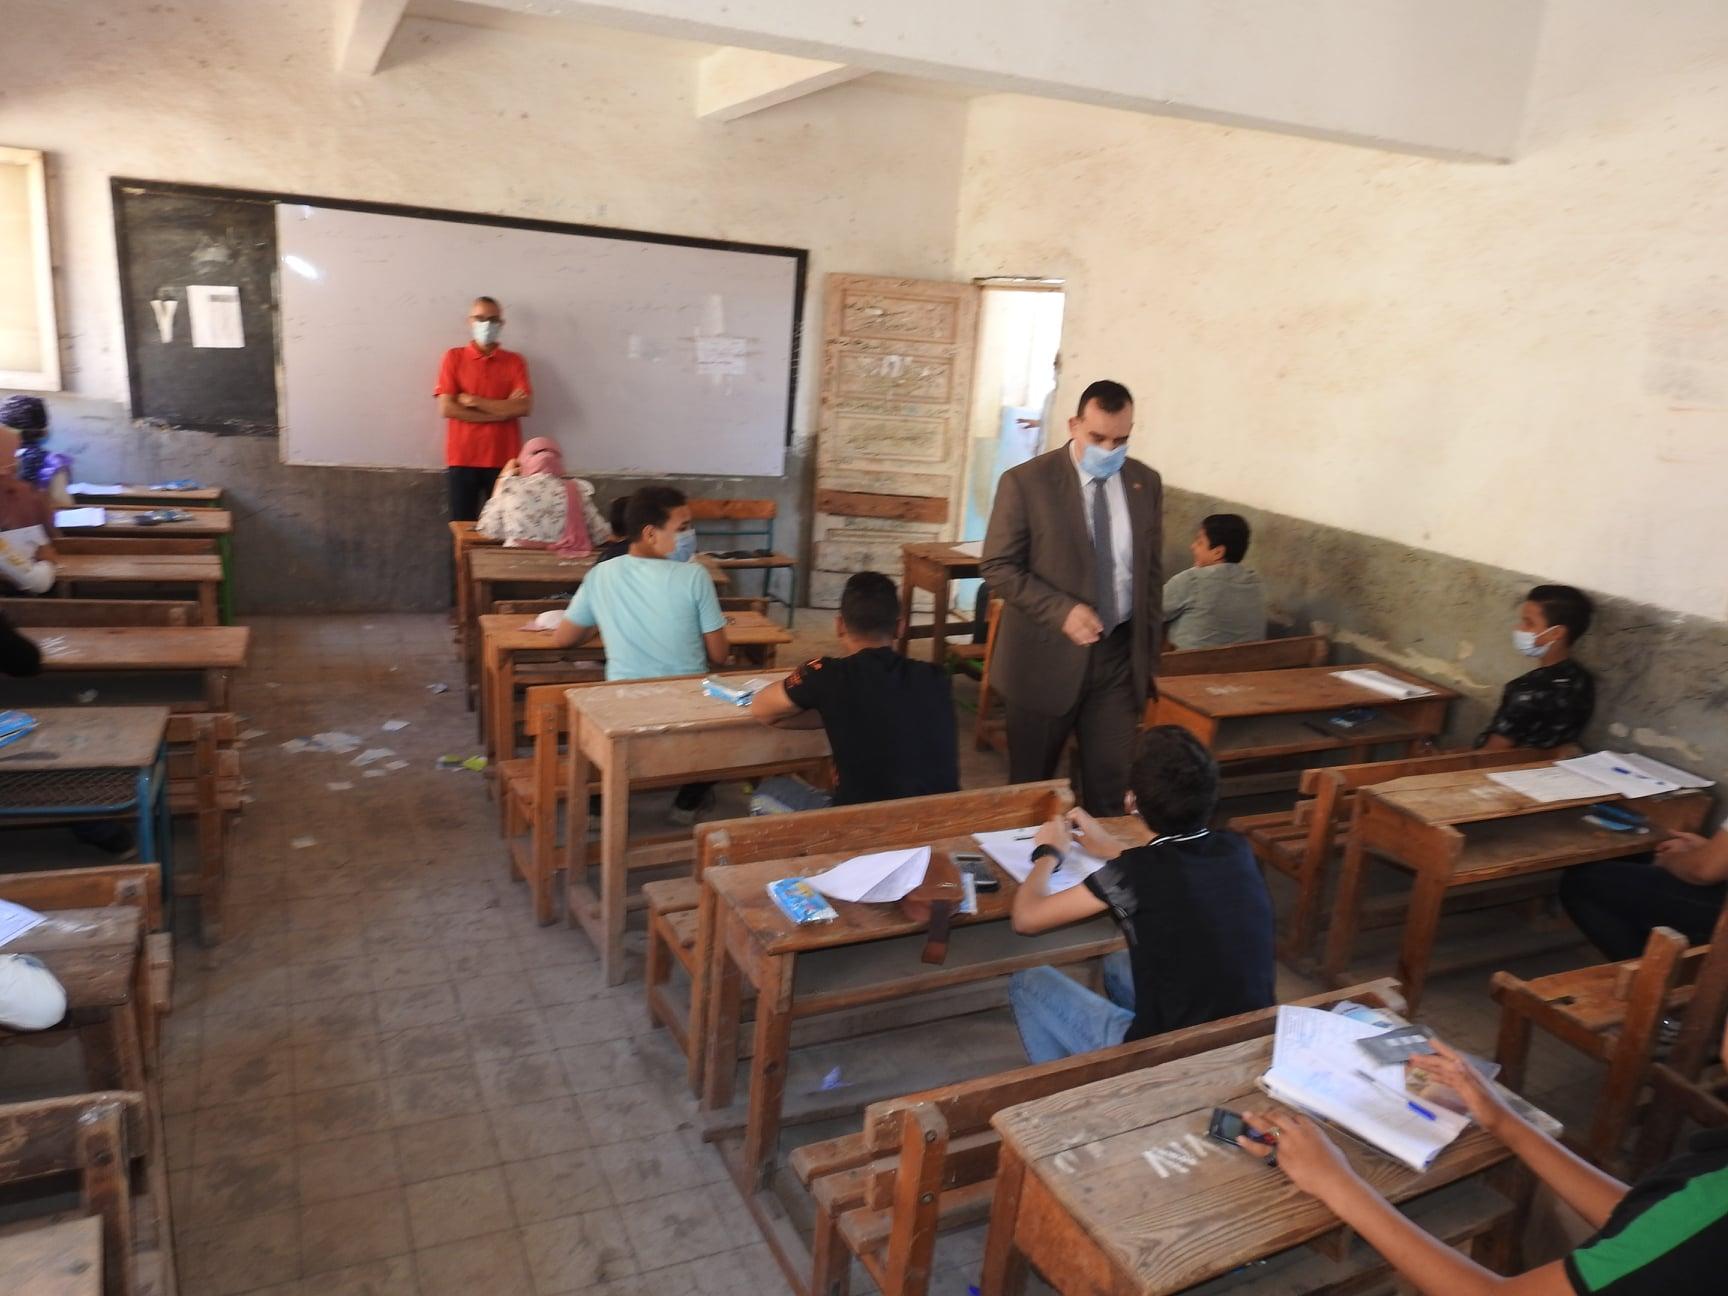 تعليم المنوفية: 99.62% نسبة حضور طلاب الإعدادية لليوم الثاني من اختبارات الدور الأول